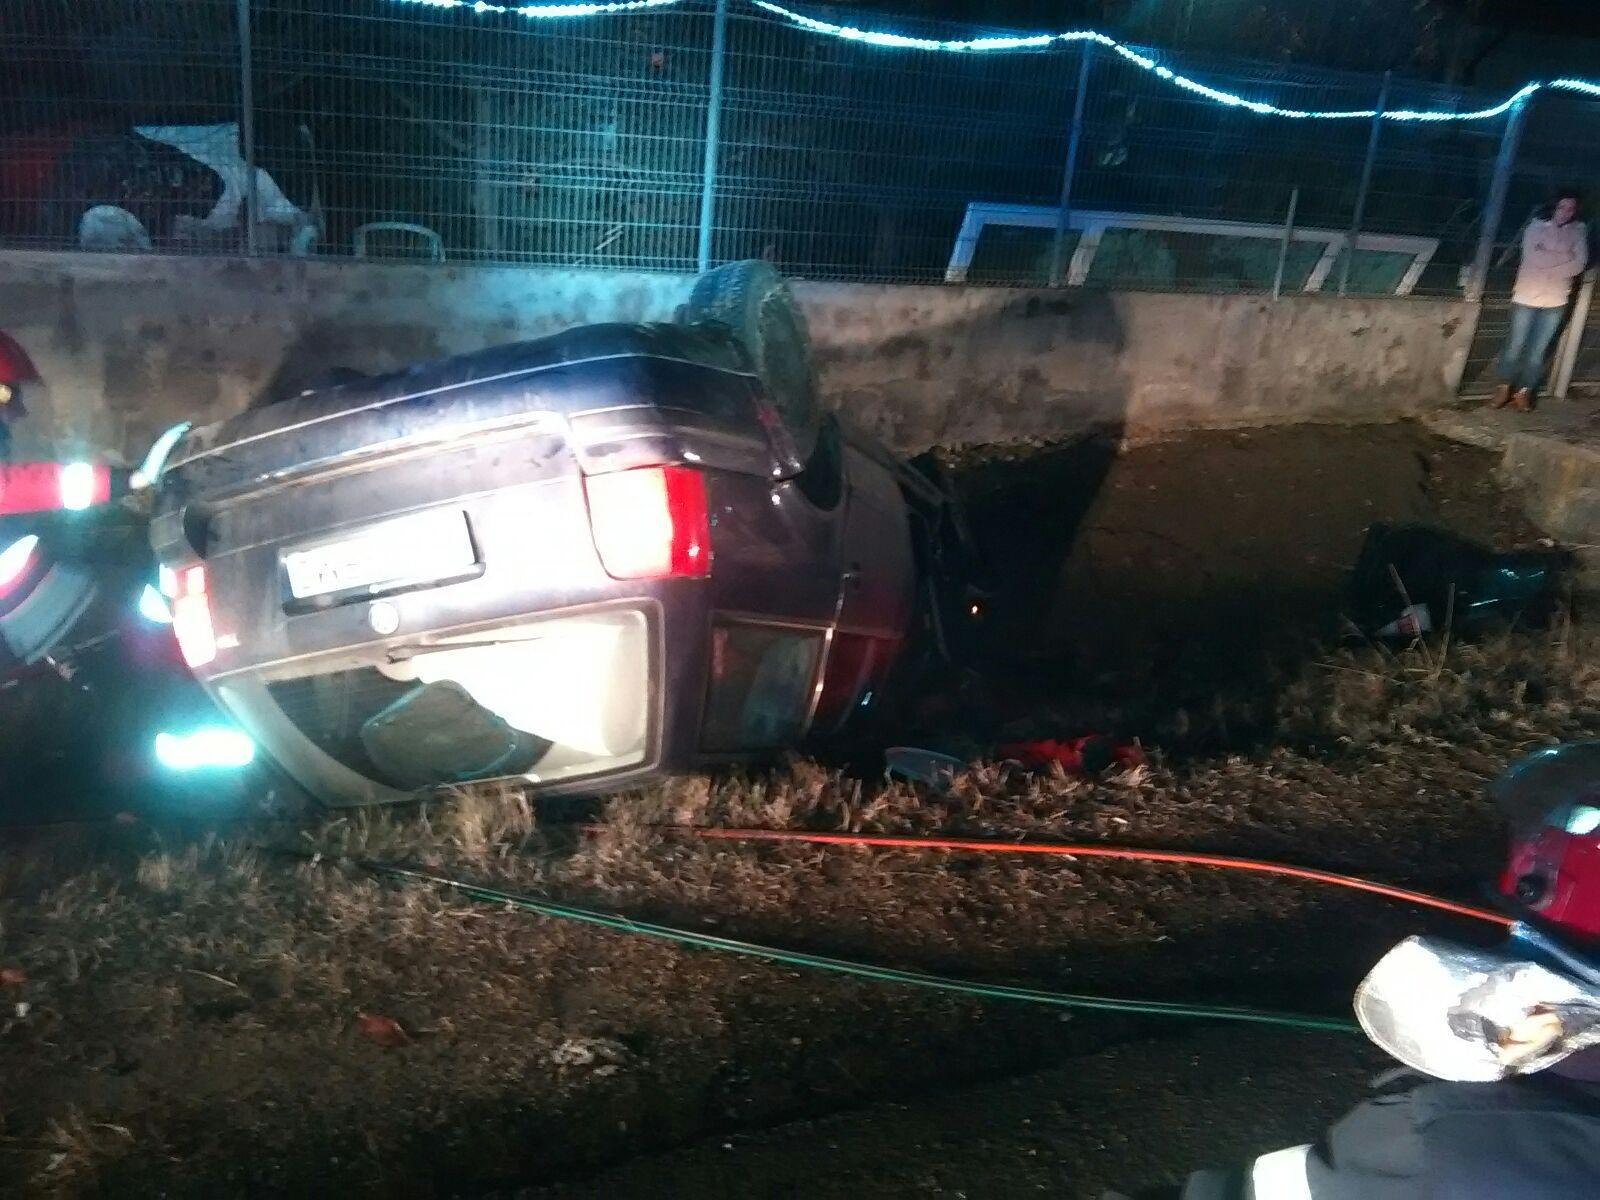 Doi morţi şi patru răniţi în urma unui accident rutier pe DN 6, în Işalniţa